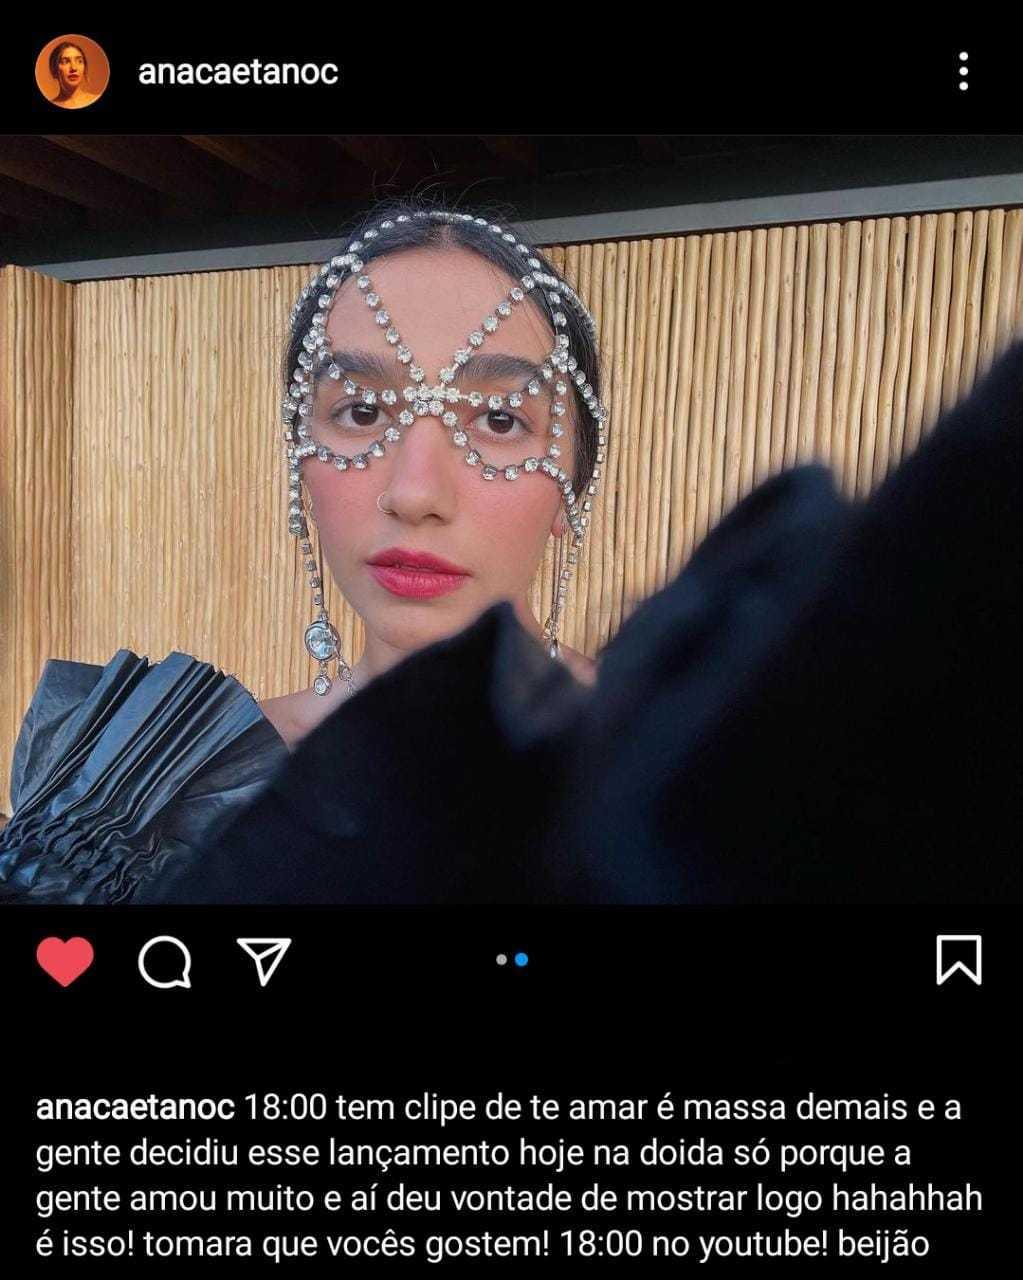 Ana Caetano no Instagram